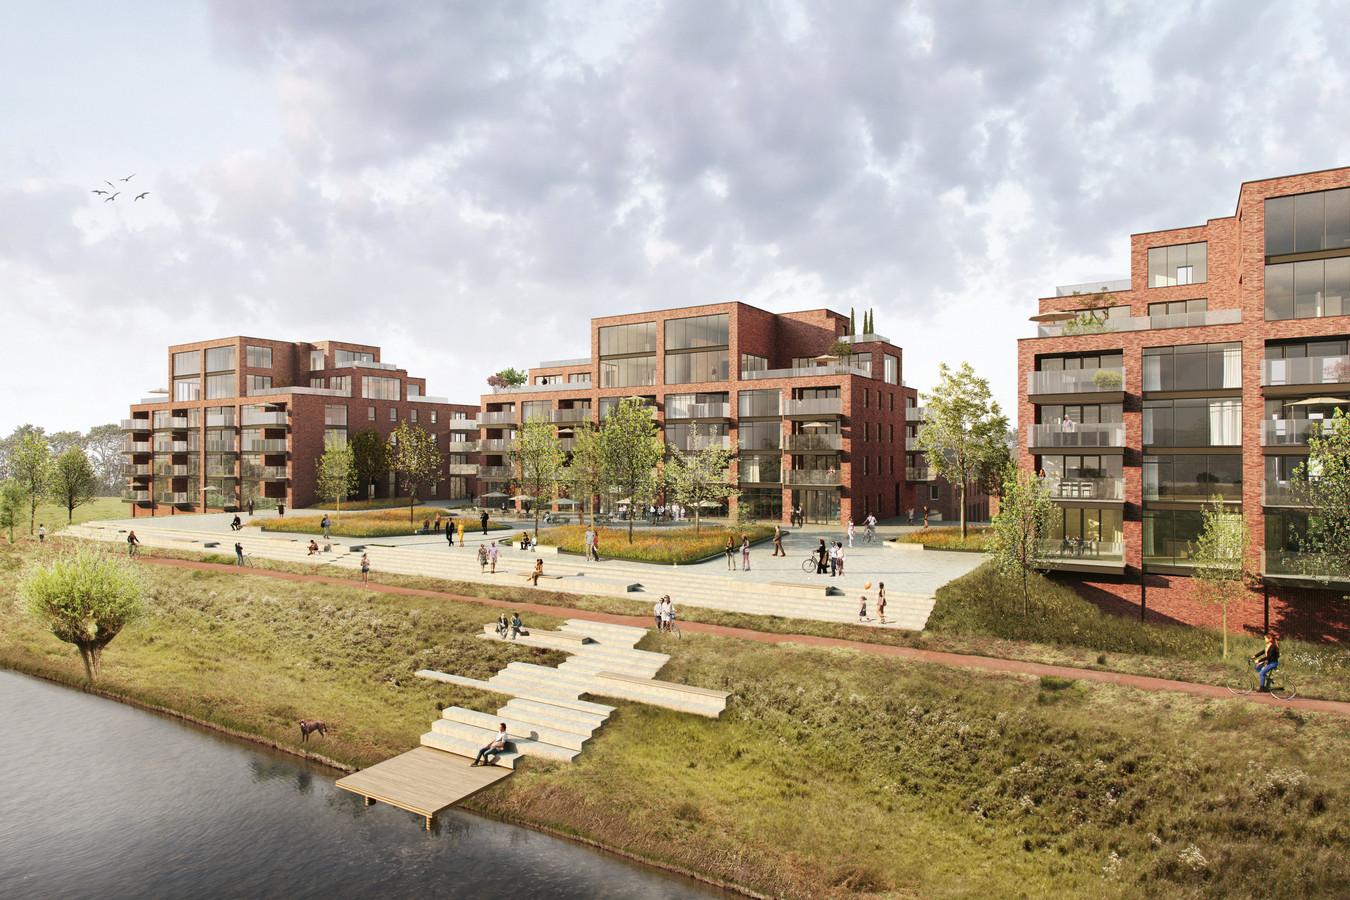 Artist impression van nieuwbouwproject De IJzergieterij in Hardinxveld-Giessendam. De grond is echter vervuild.